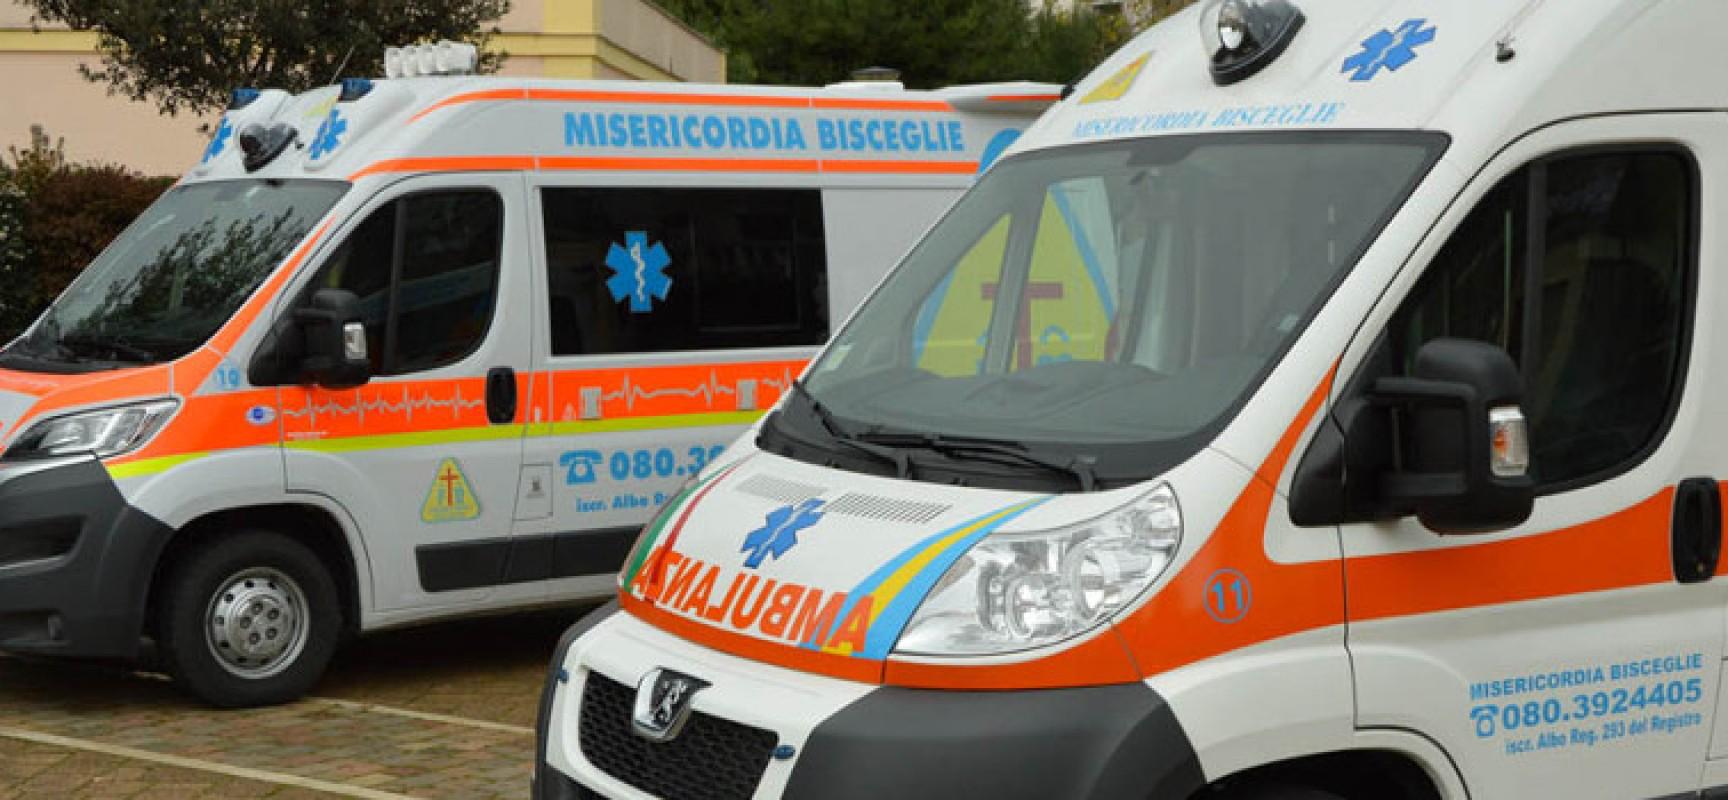 Postazione automedica Trani, contestato l'affidamento a Misericordia Bisceglie